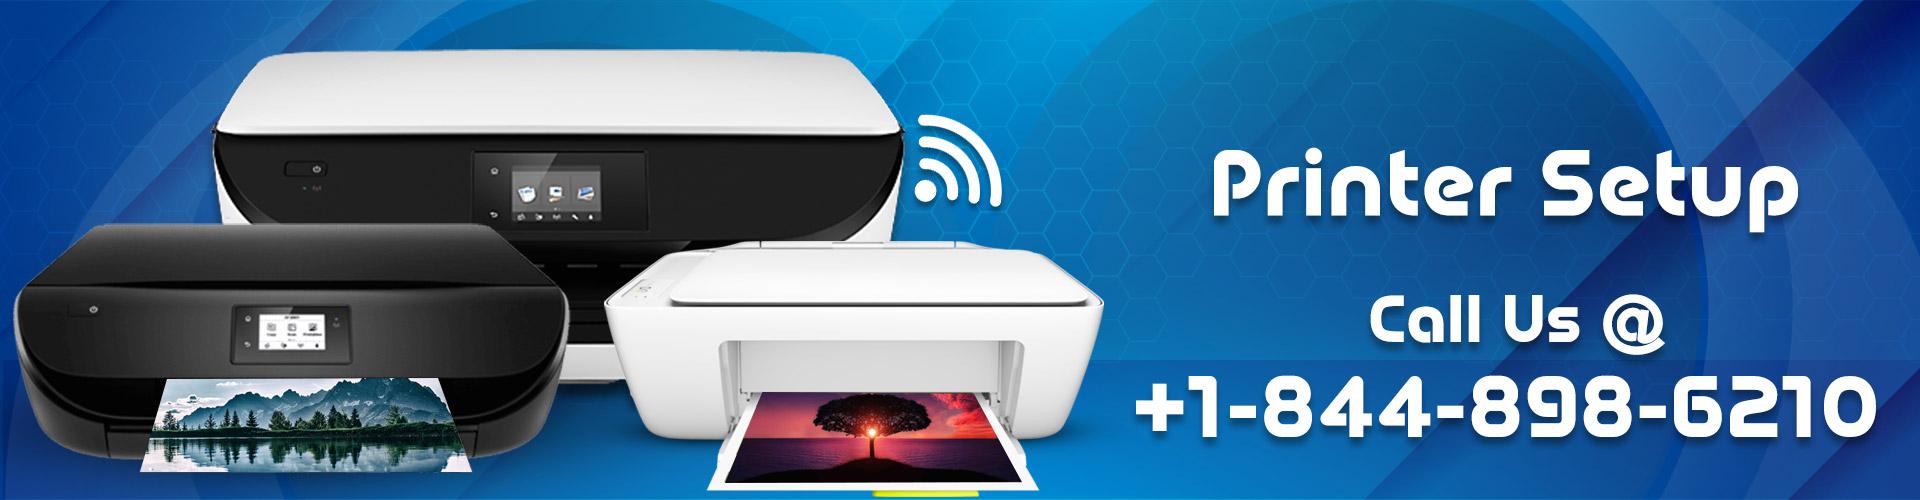 Printer Setup image 1